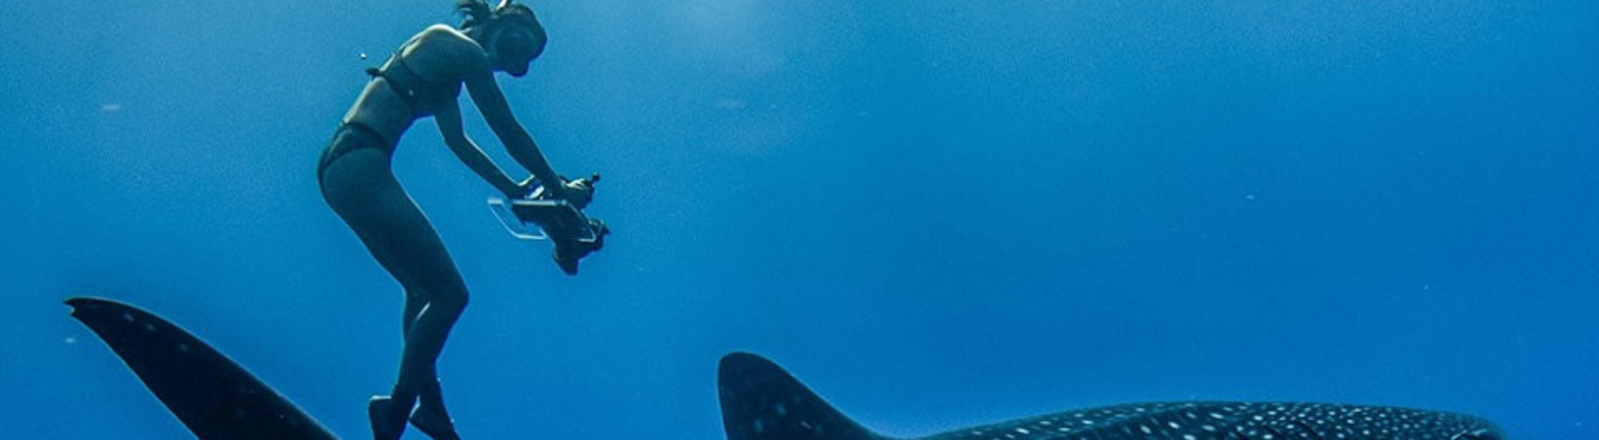 INTERNATIONAL OCEAN FILM TOUR V.6